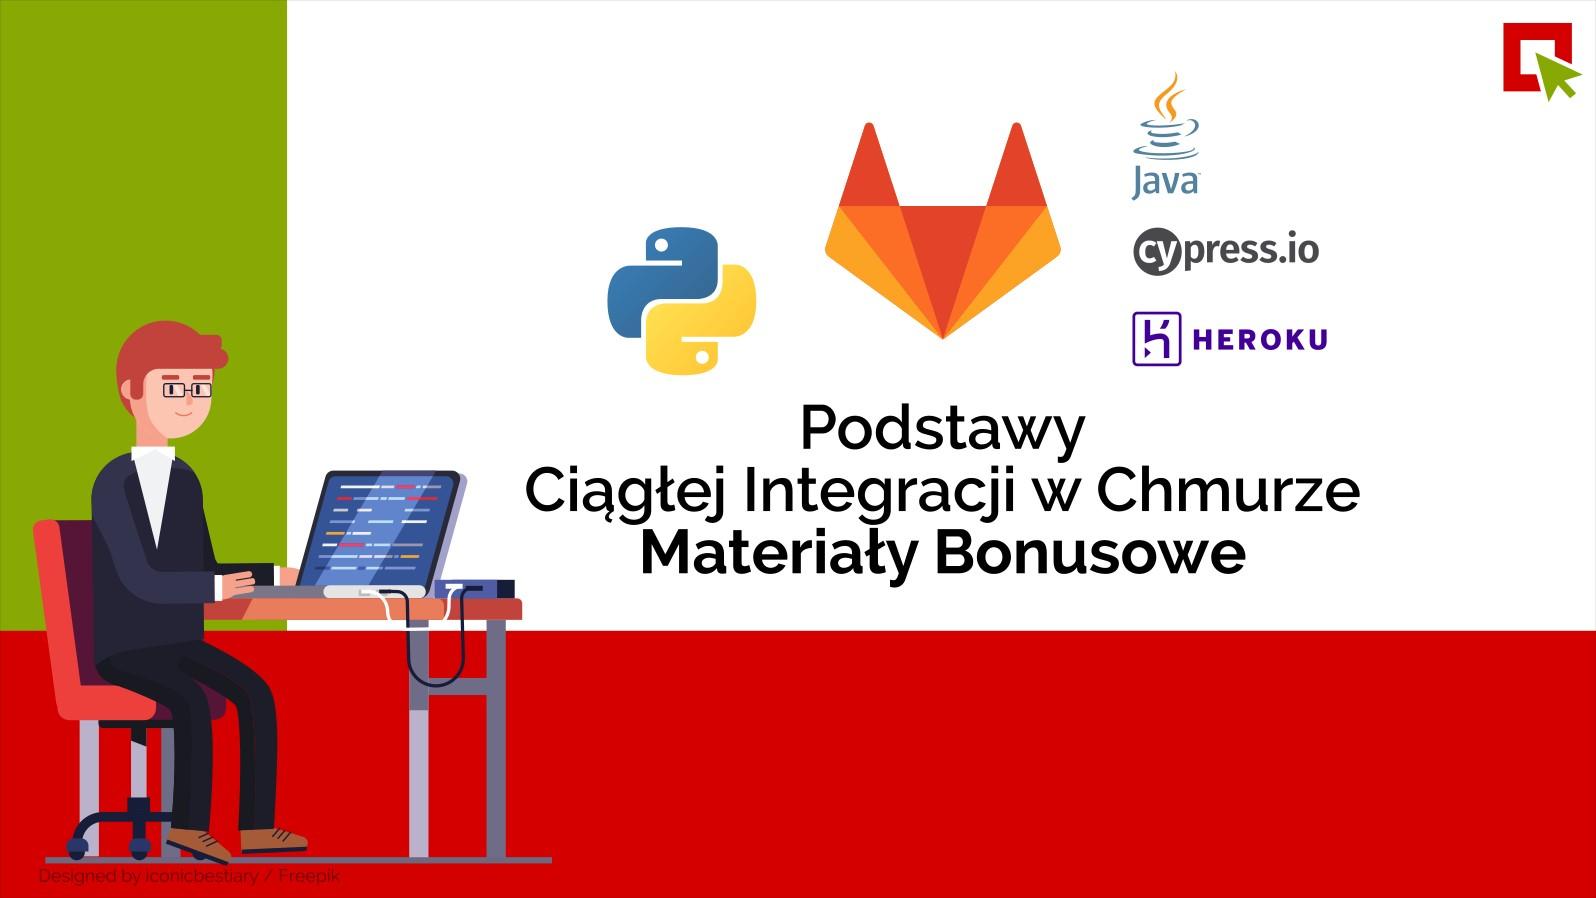 Podstawy Ciągłej Integracji w Chmurze na przykładzie GitLab CI i Testów Automatycznych – Materiały Bonusowe